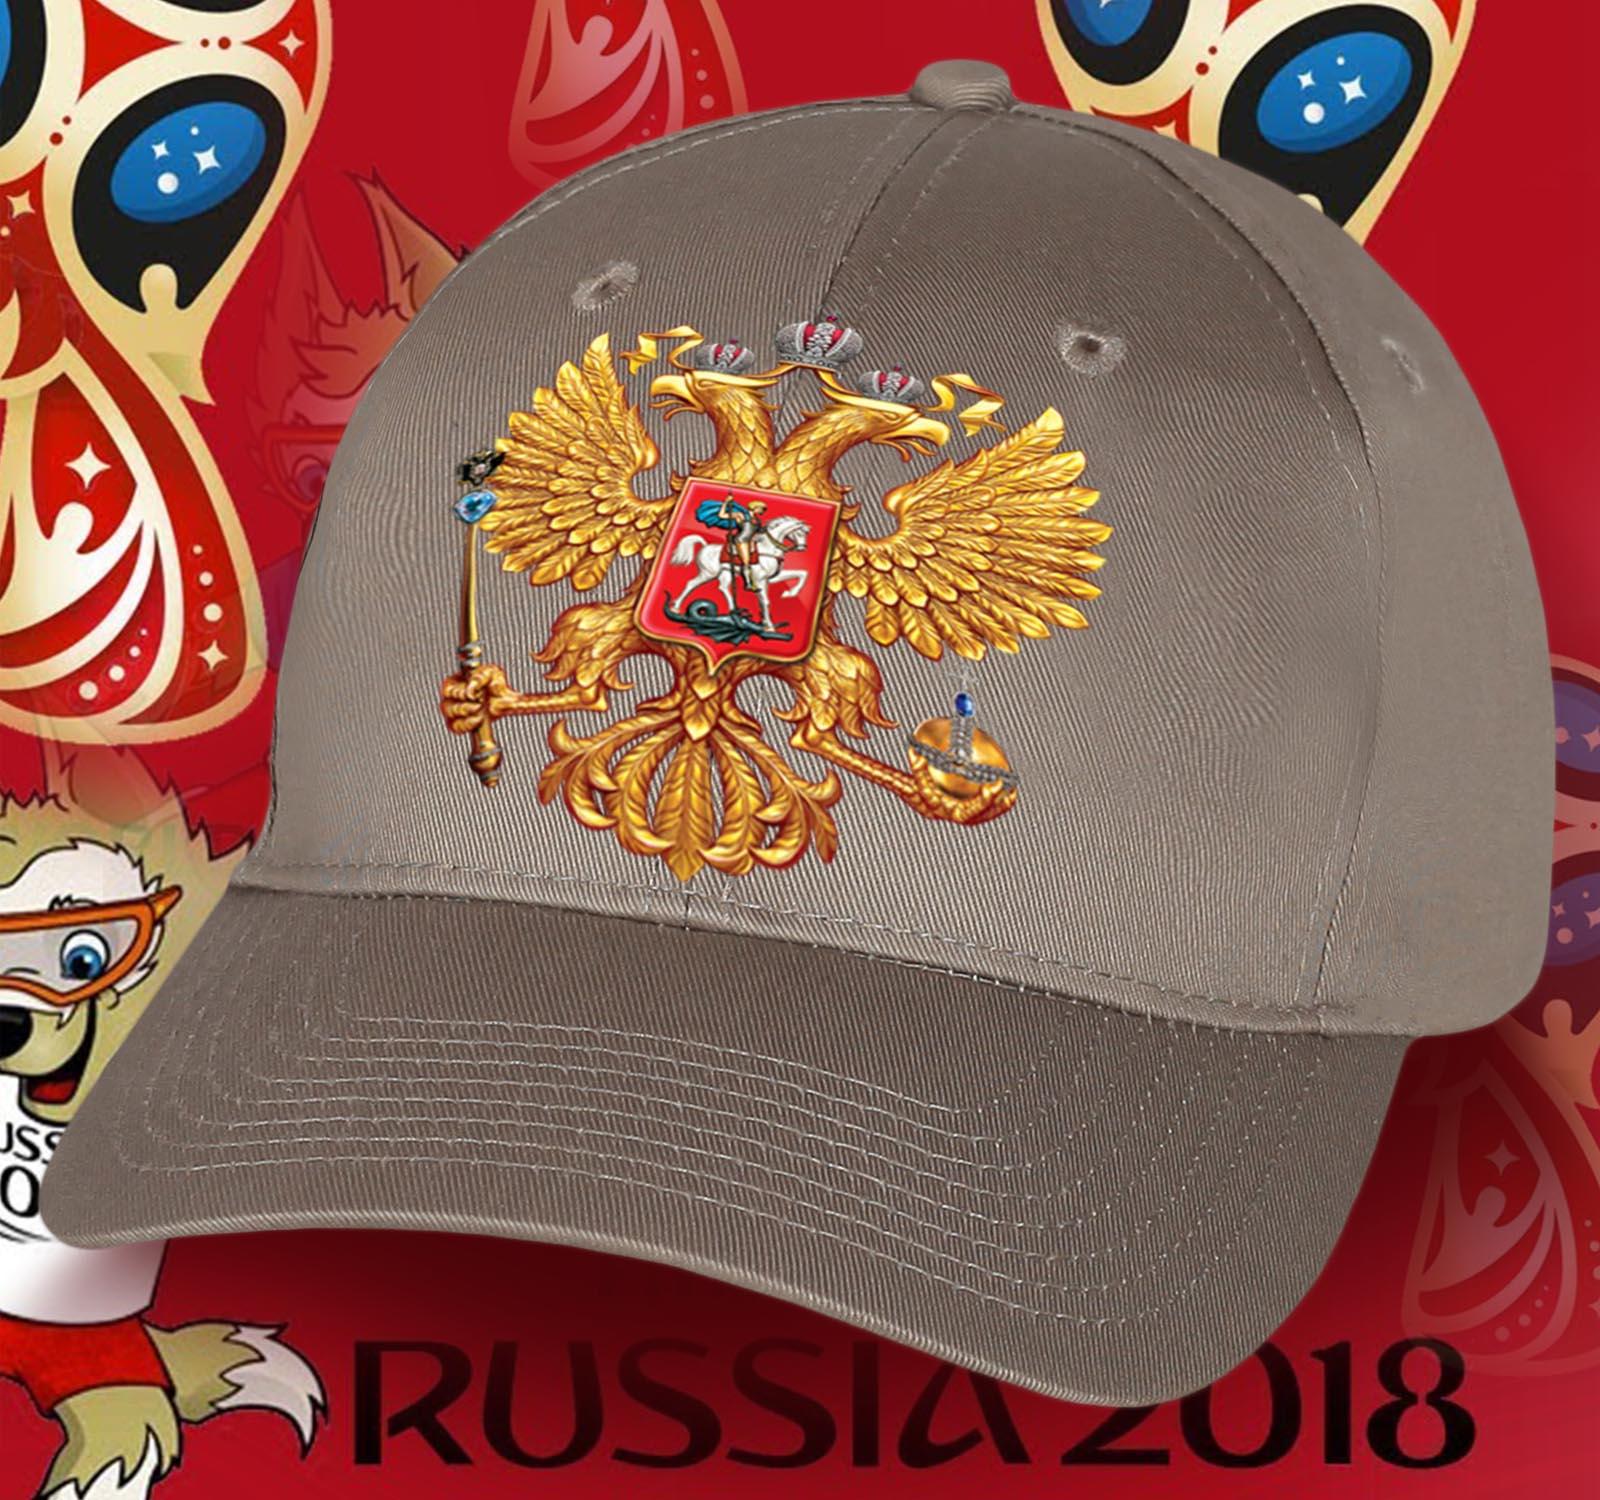 Патриотическая бейсболка с гербом России в золоте.